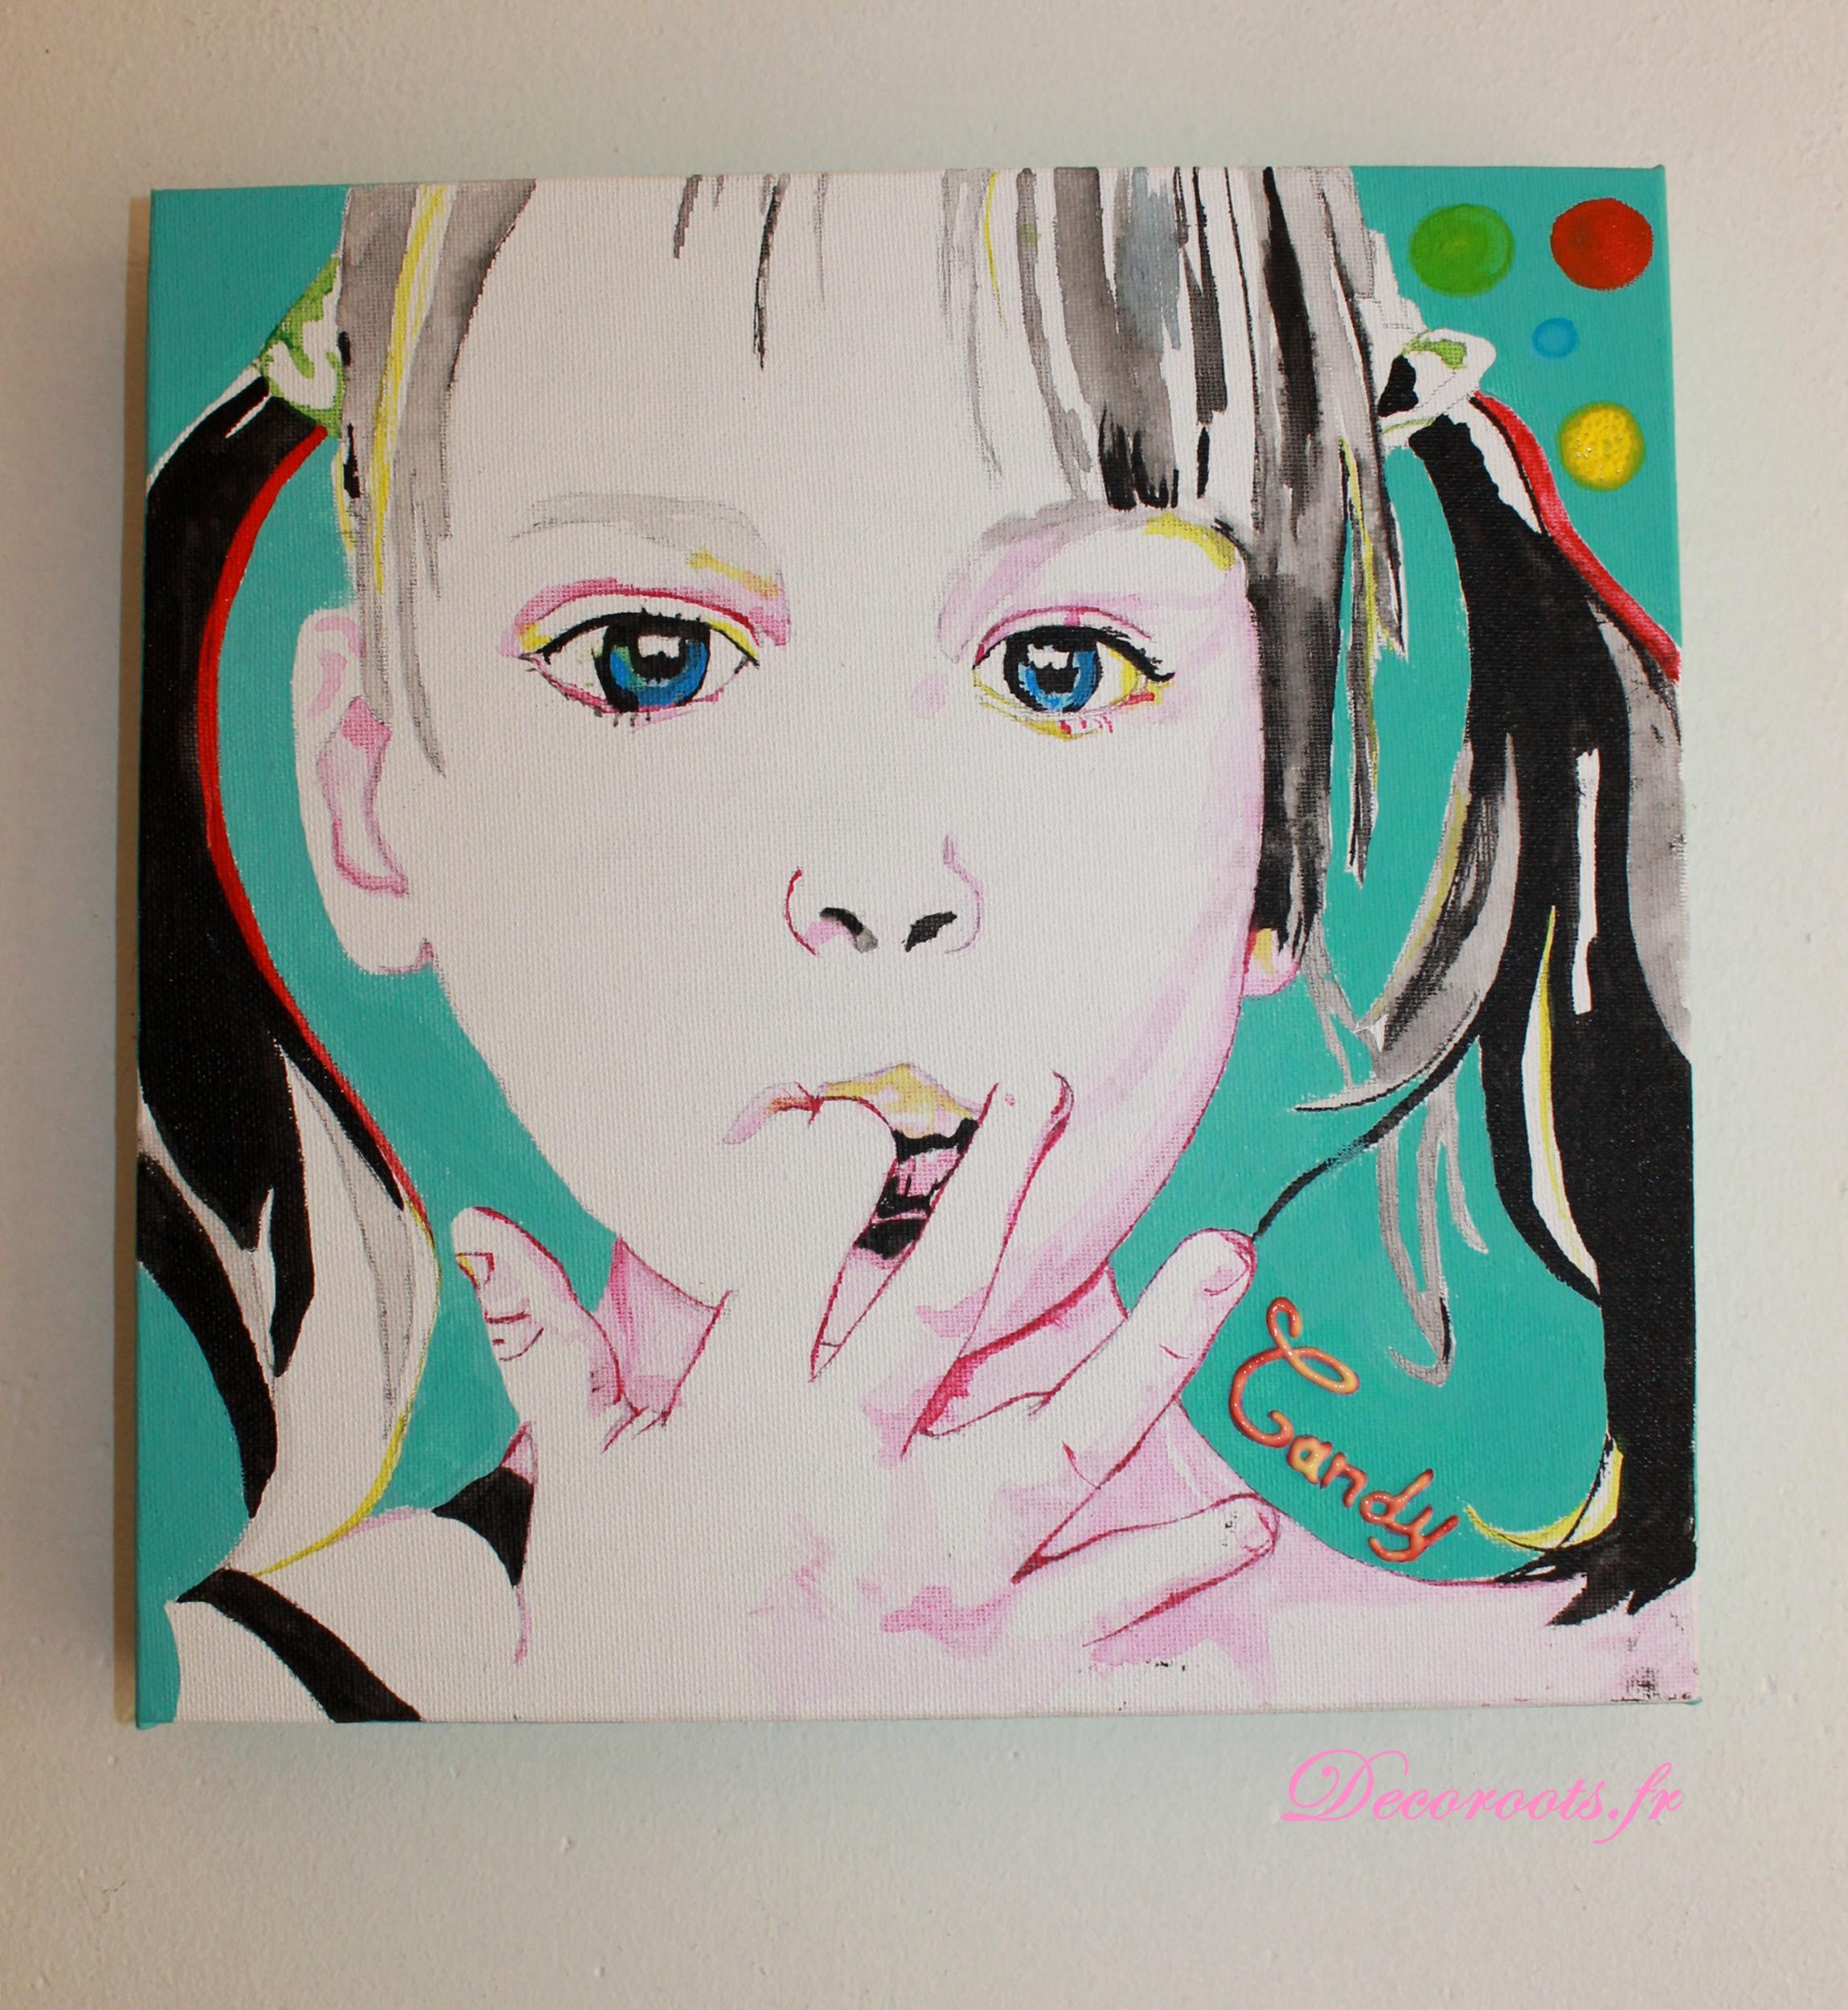 tableau artiste contemporain enfant gourmand